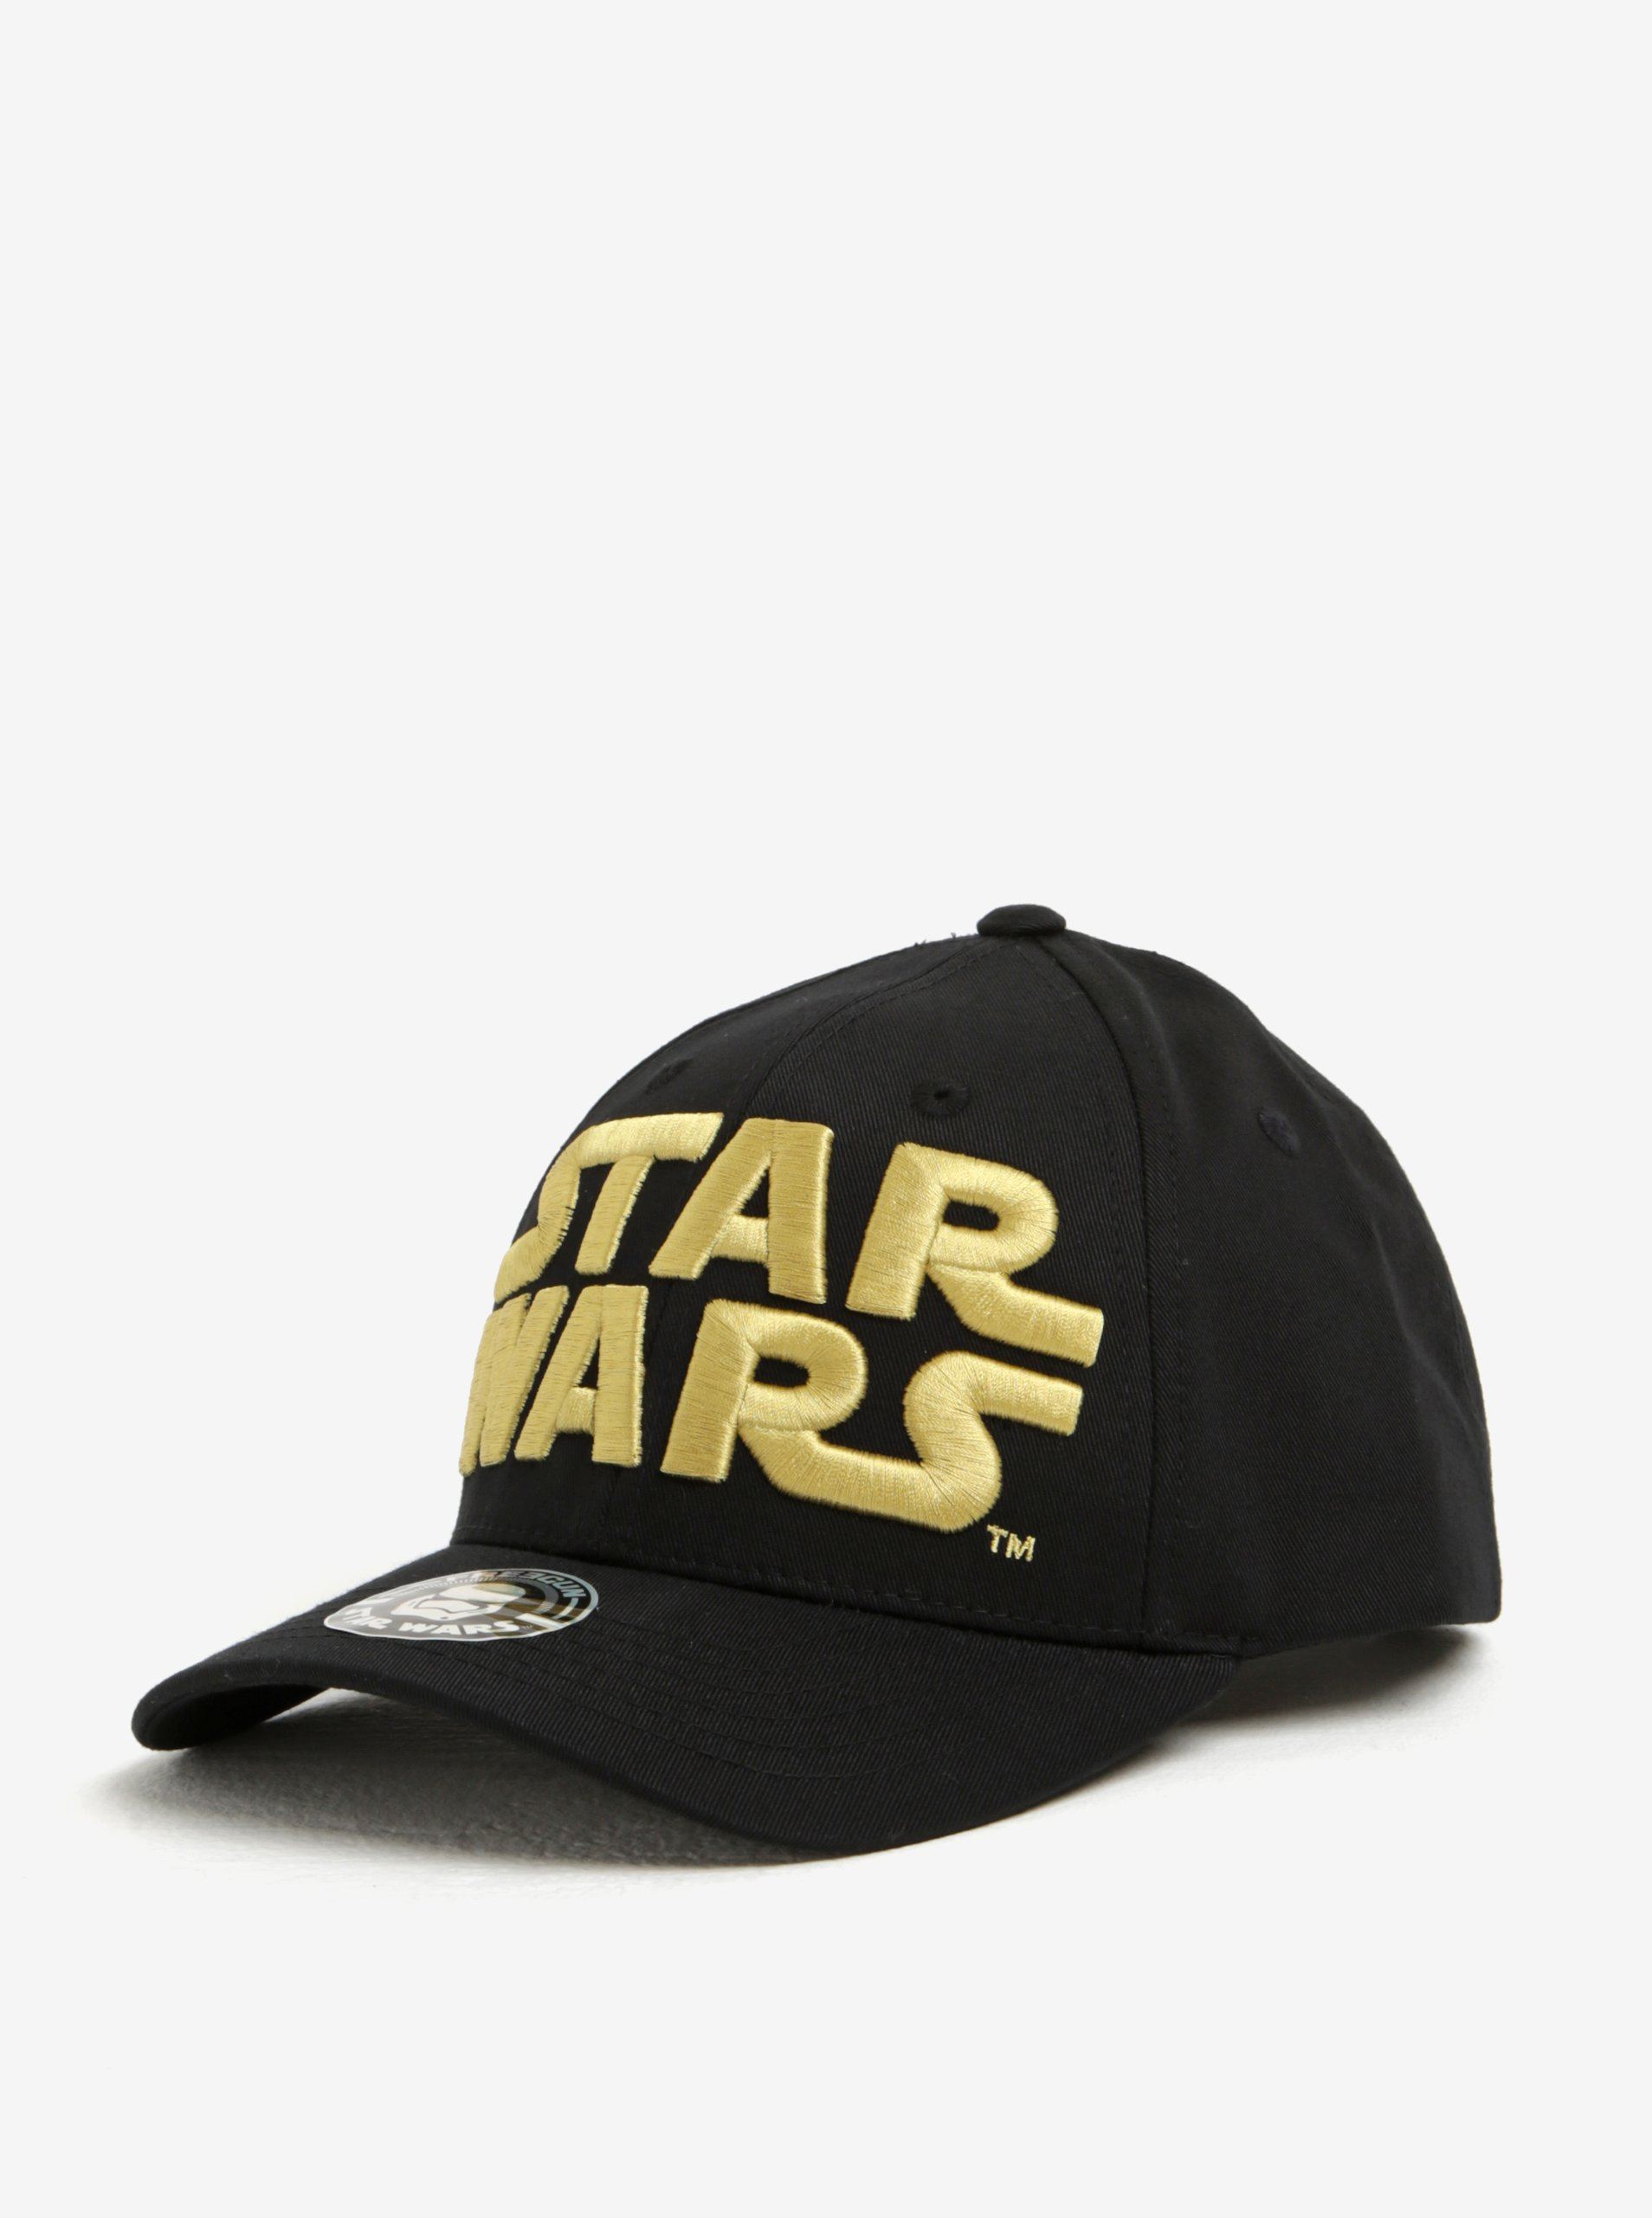 Žluto-černá pánská kšiltovka Star Wars